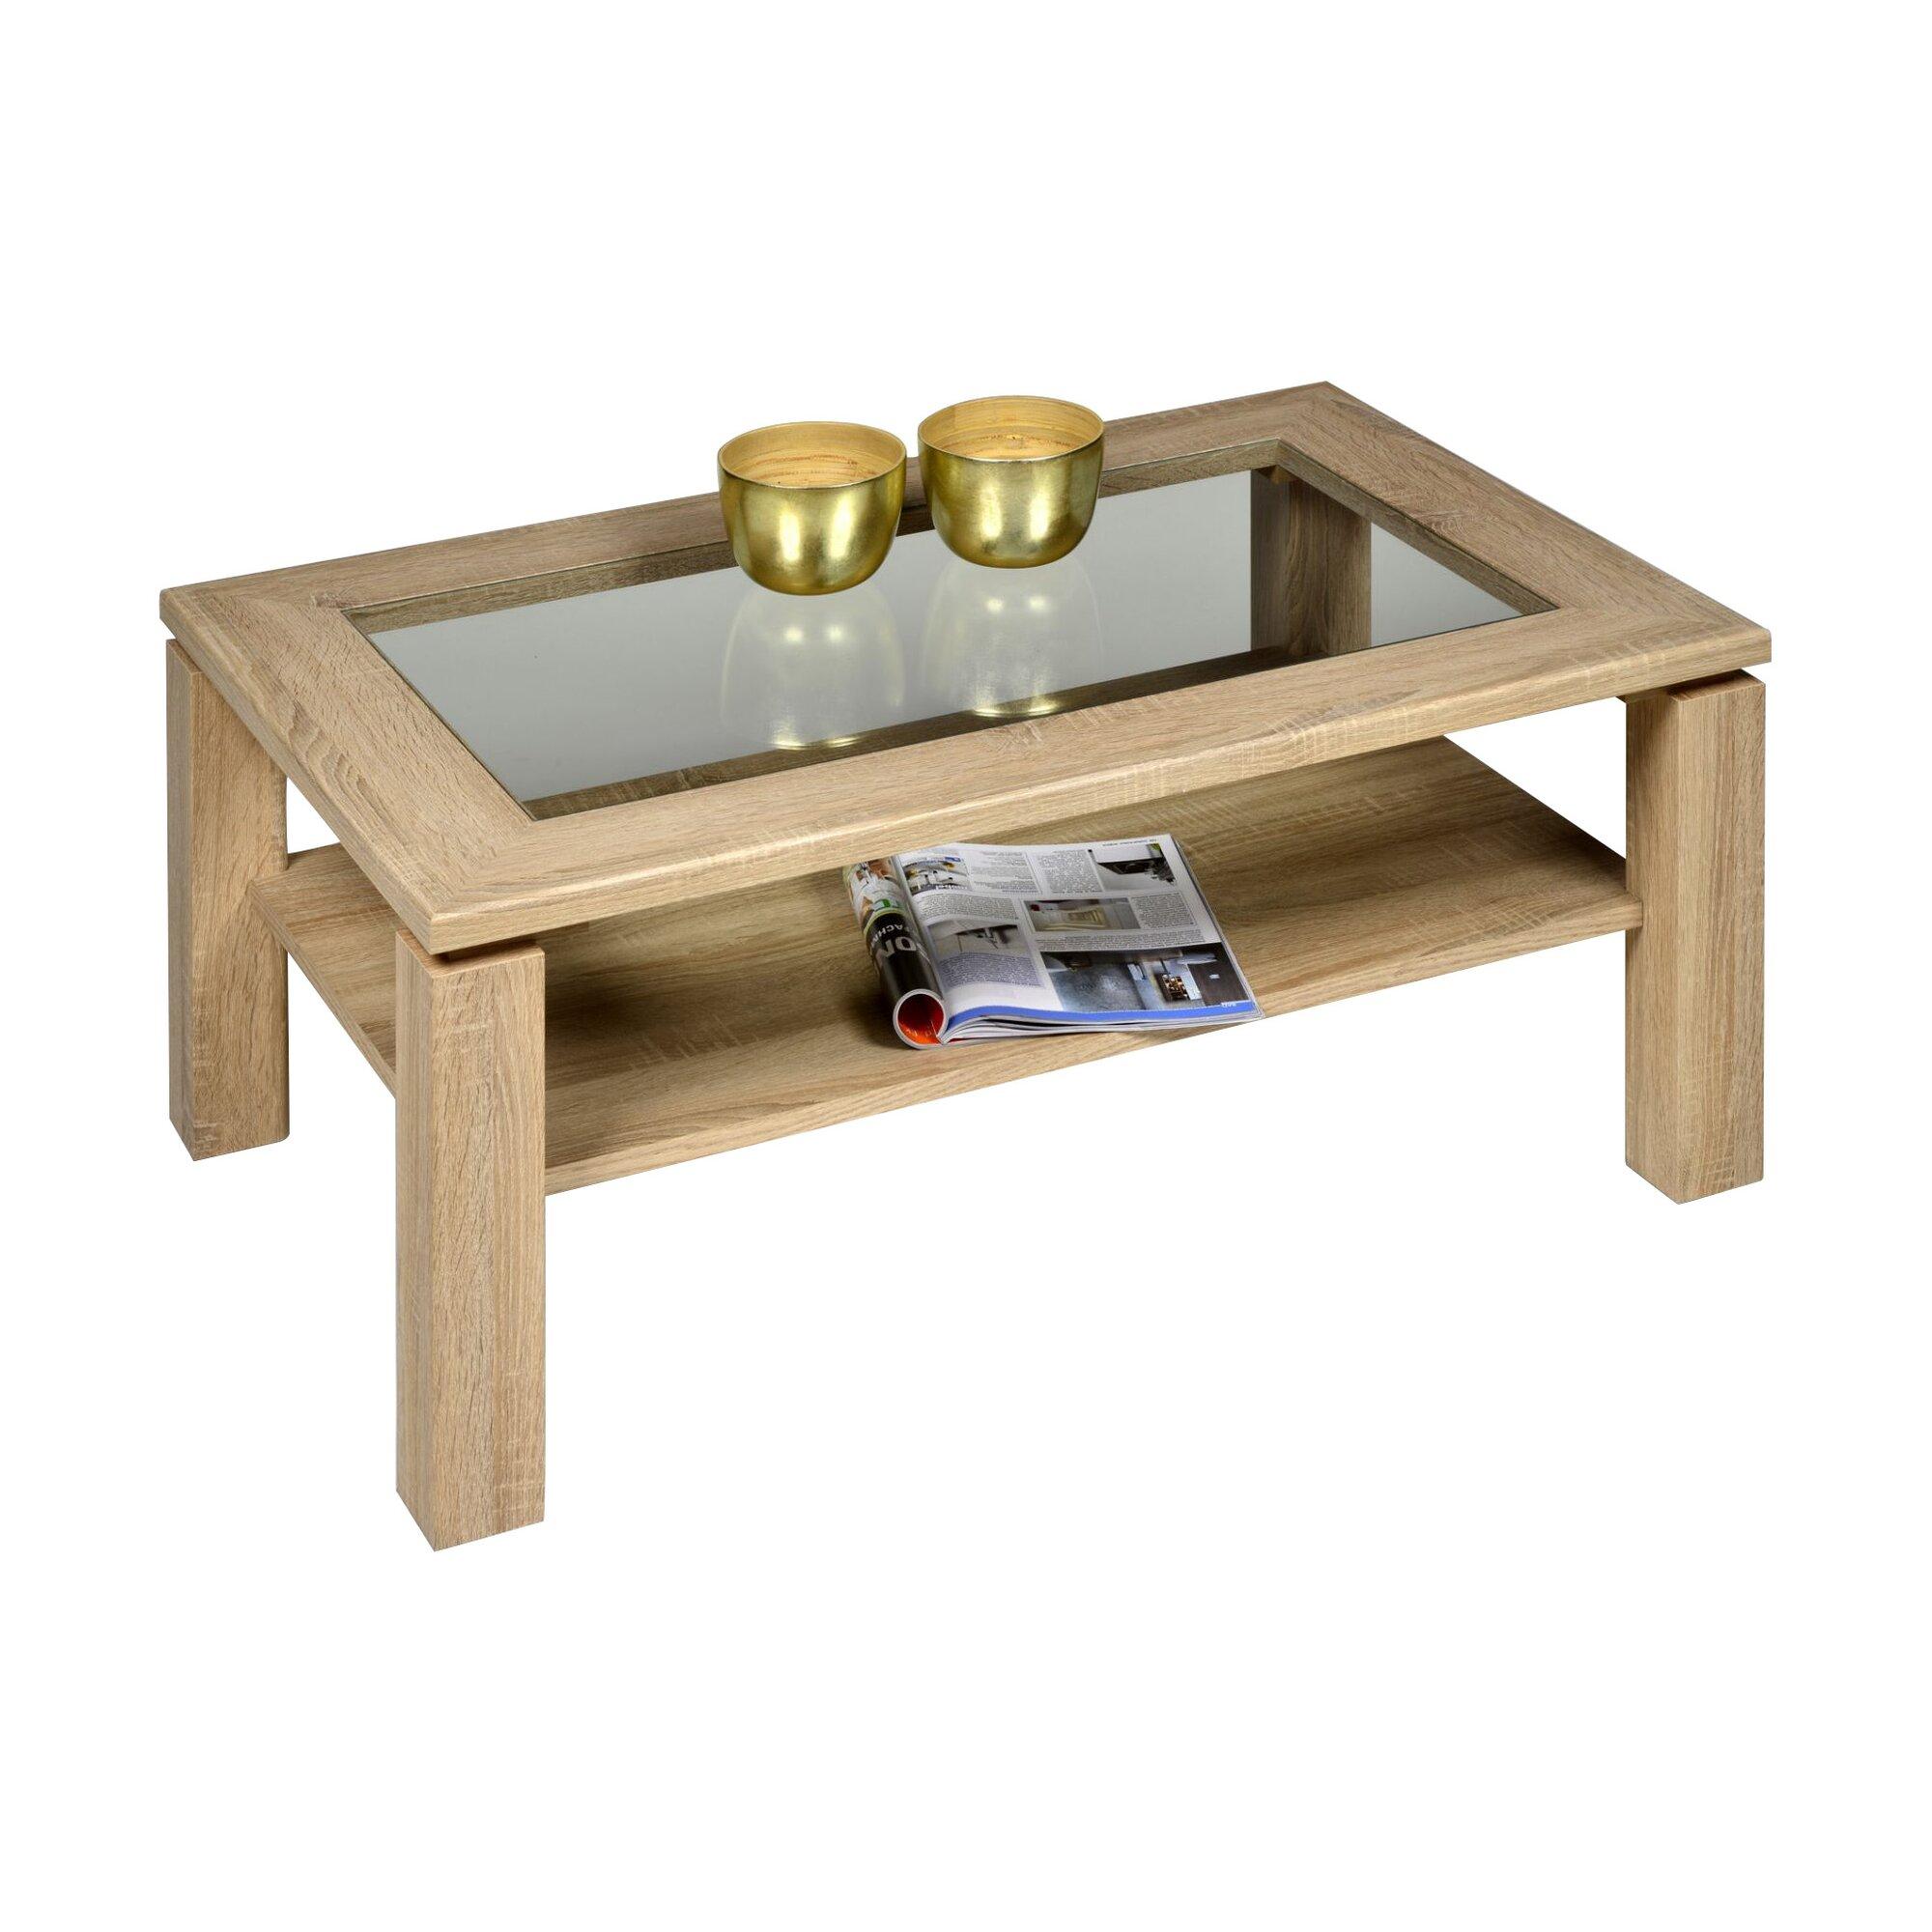 alfa tische couchtisch lugano mit stauraum bewertungen. Black Bedroom Furniture Sets. Home Design Ideas